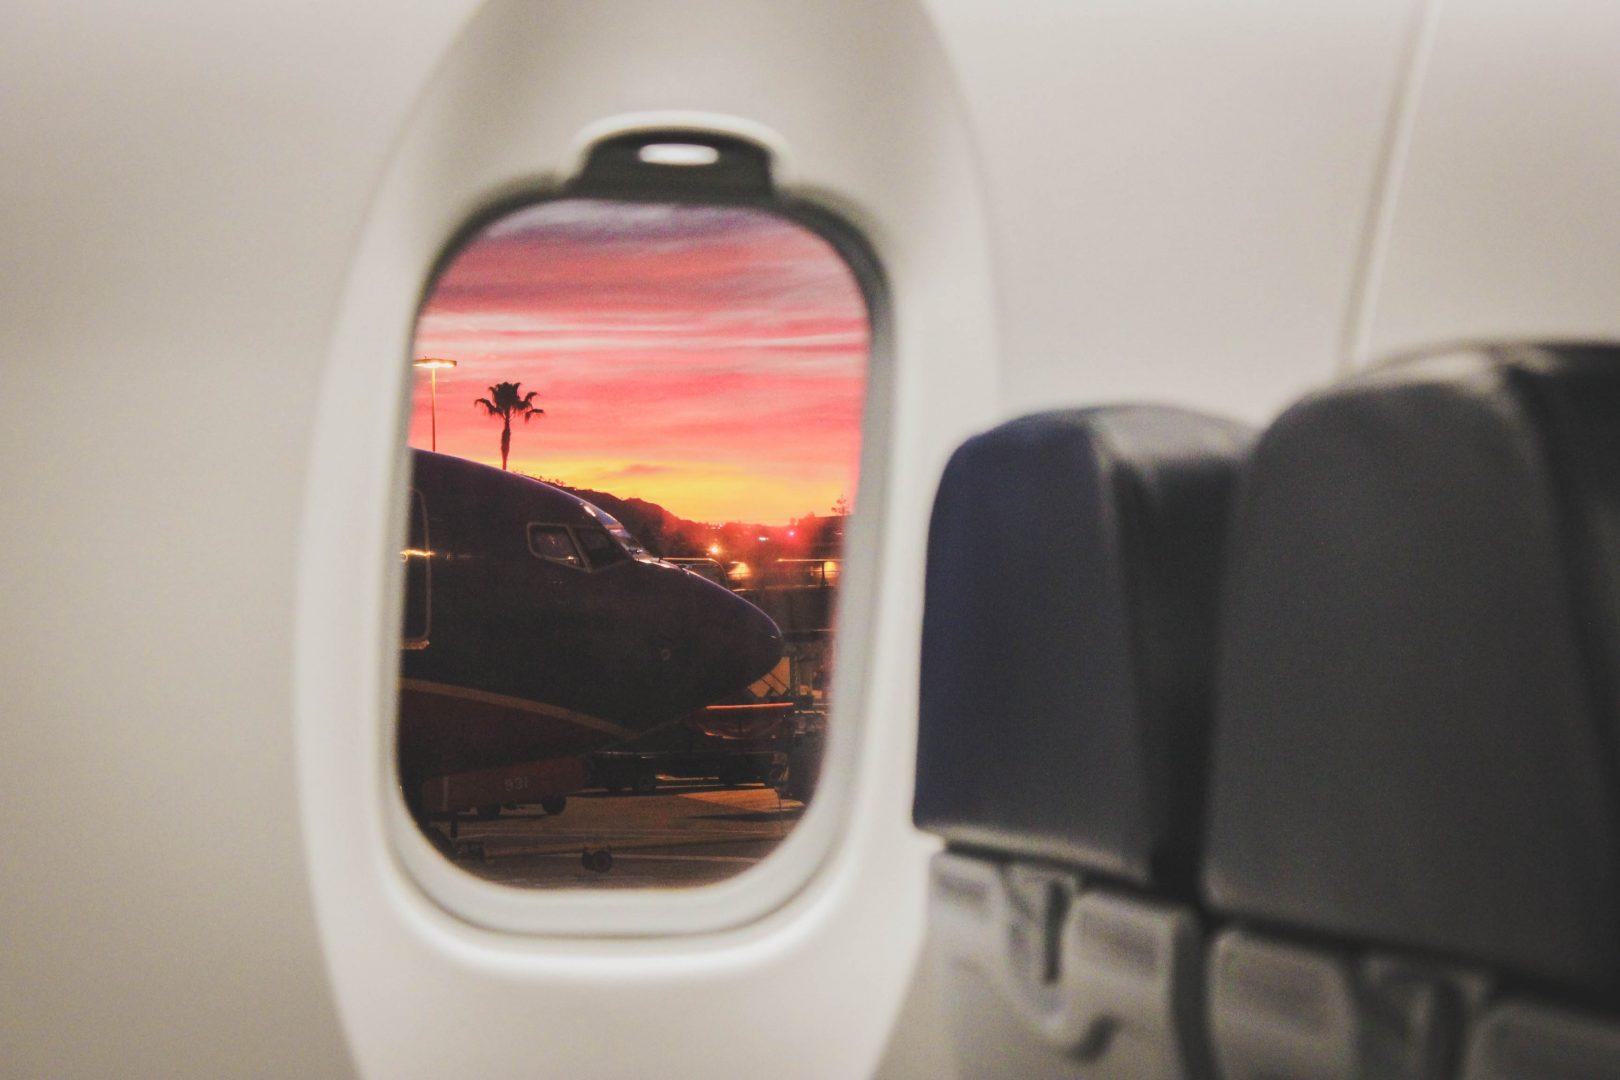 air-air-travel-aircraft-585009